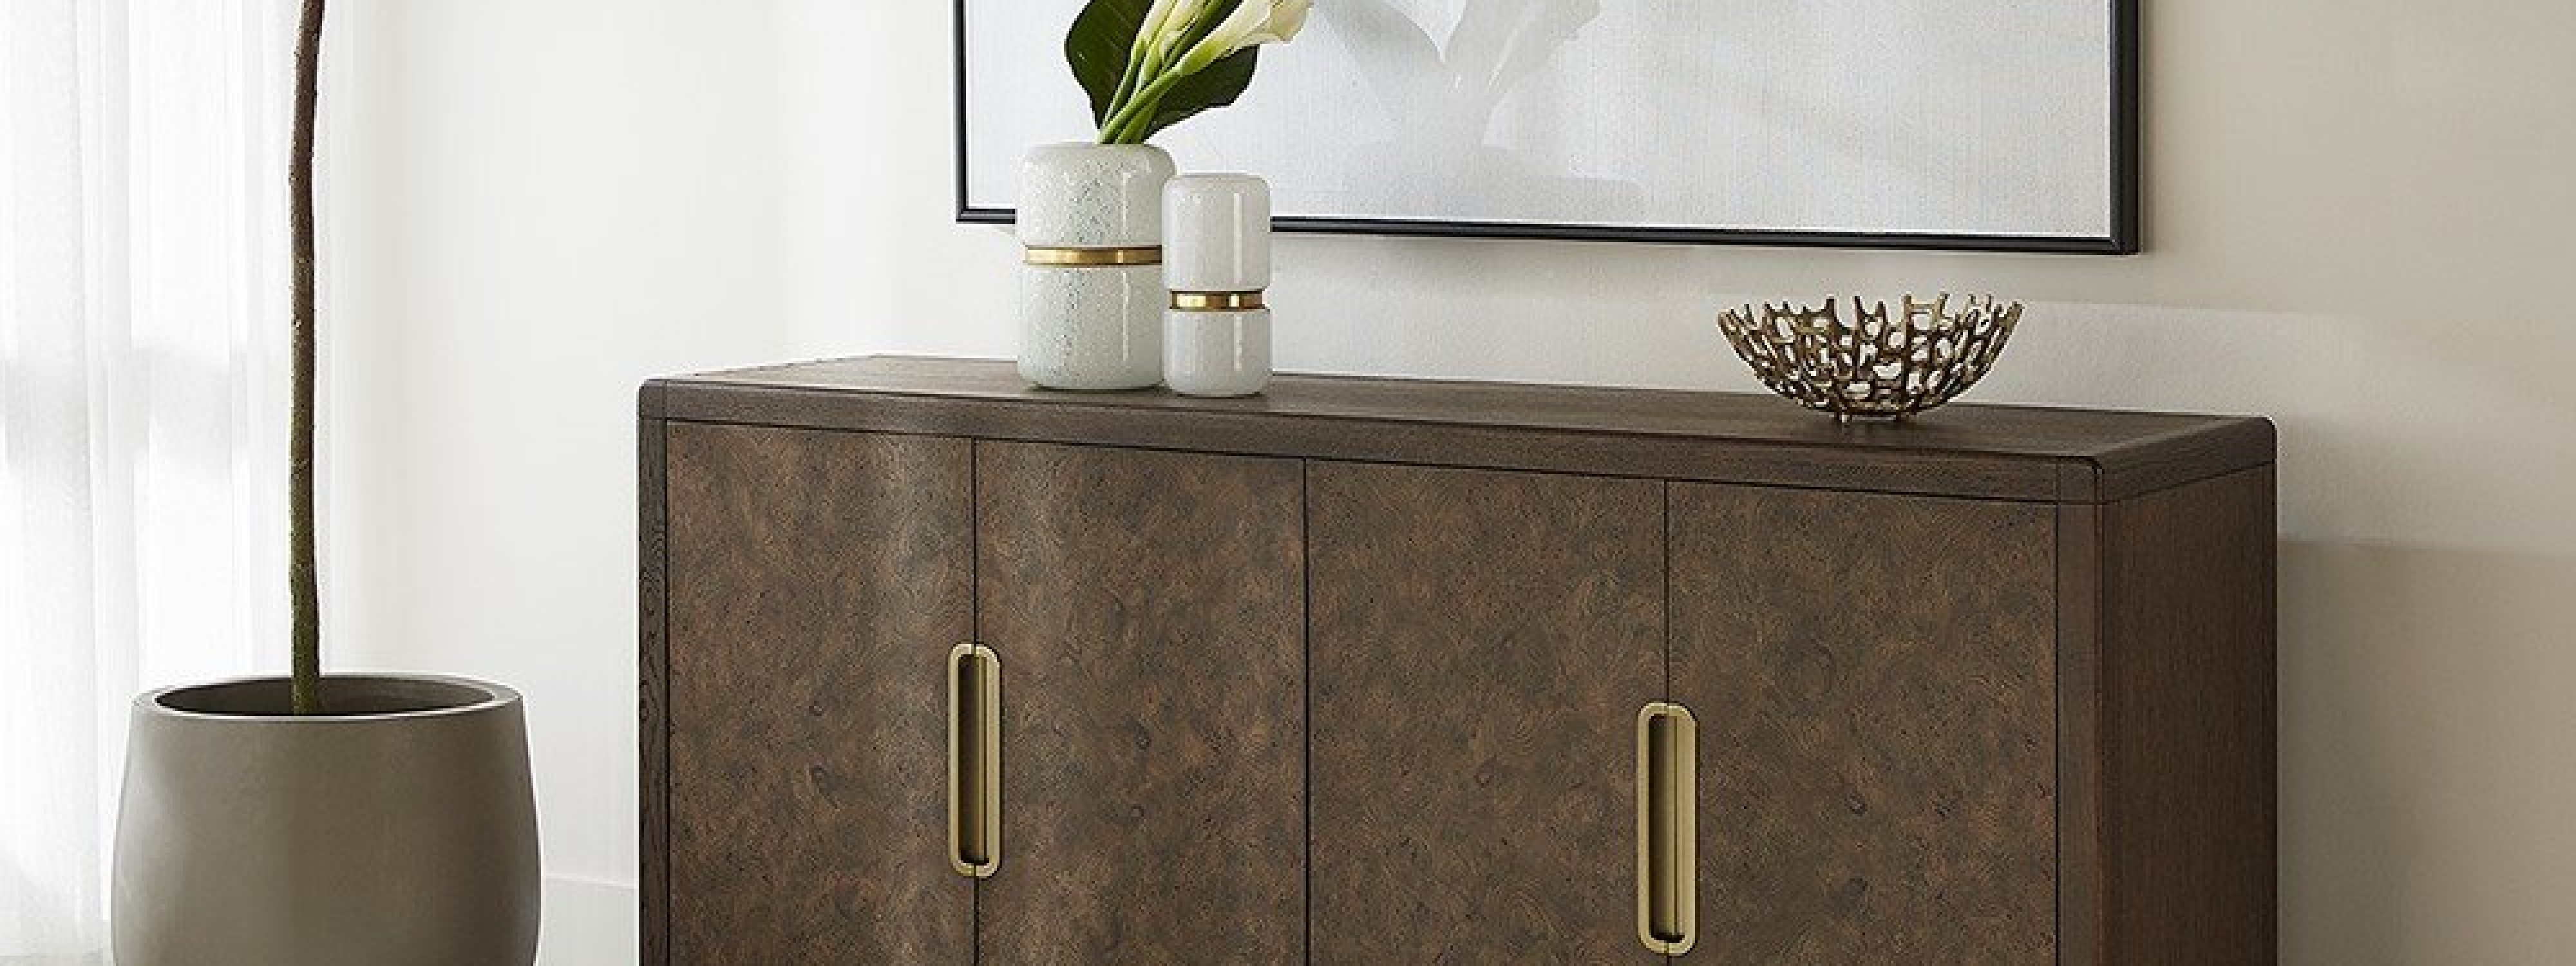 Martens Sideboard by Sunpan